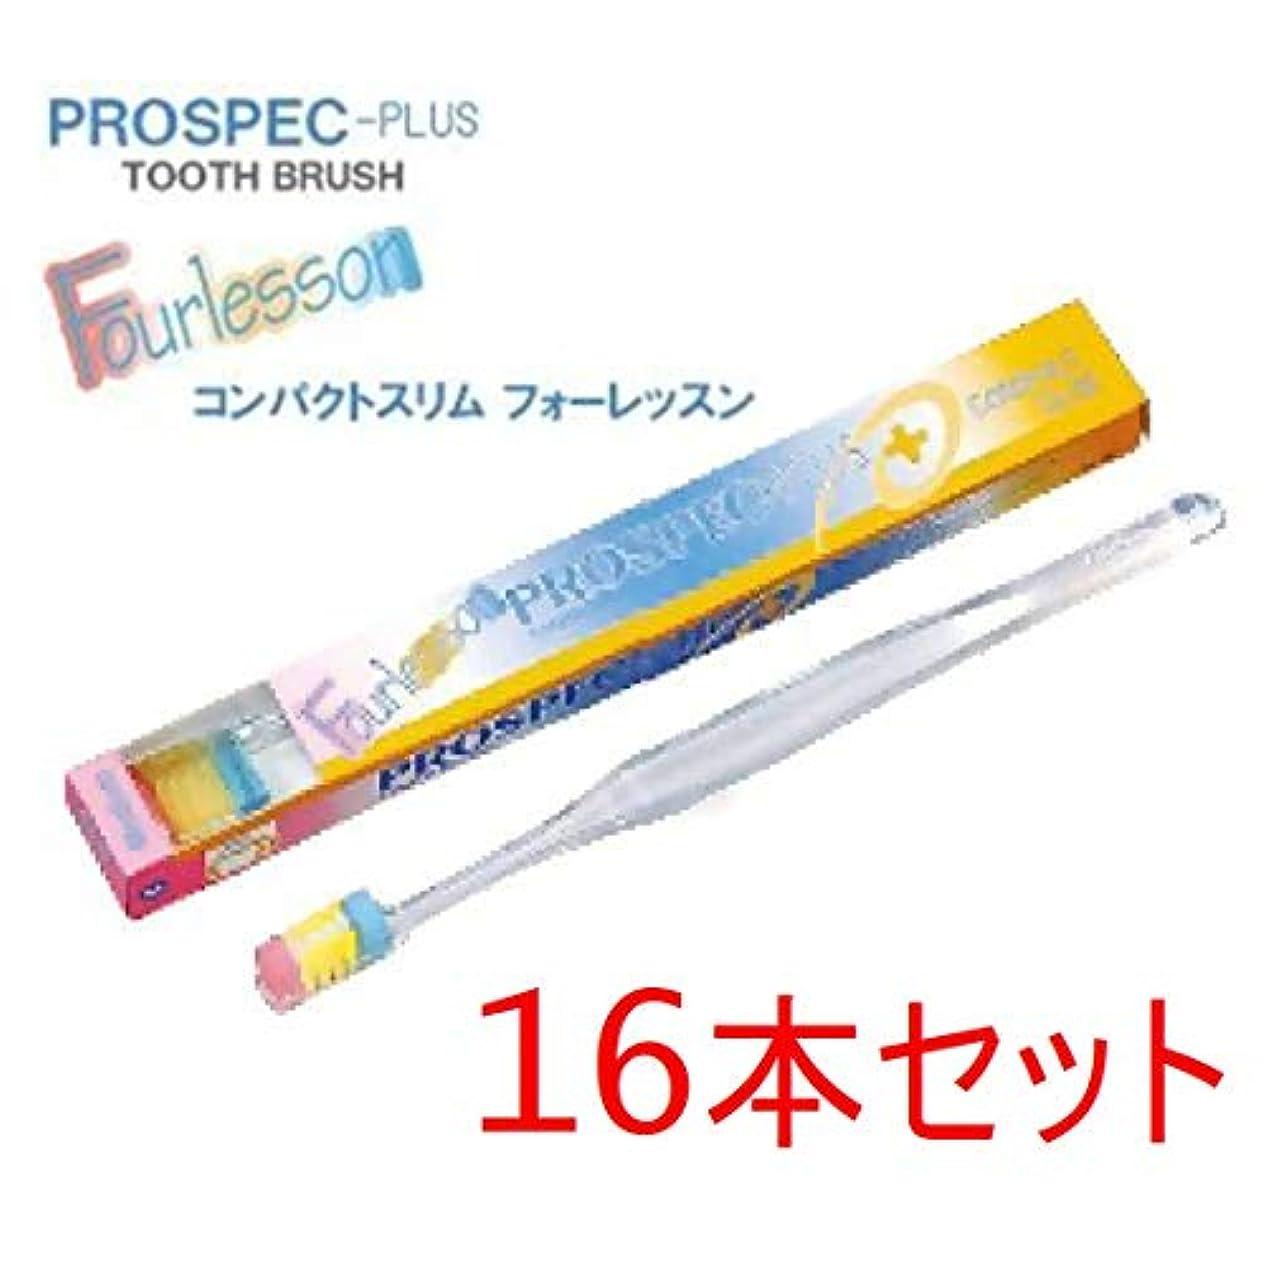 各請求可能明らかにするプロスペック 歯ブラシ コンパクトスリム 16本 フォーレッスン 毛の硬さ ふつう